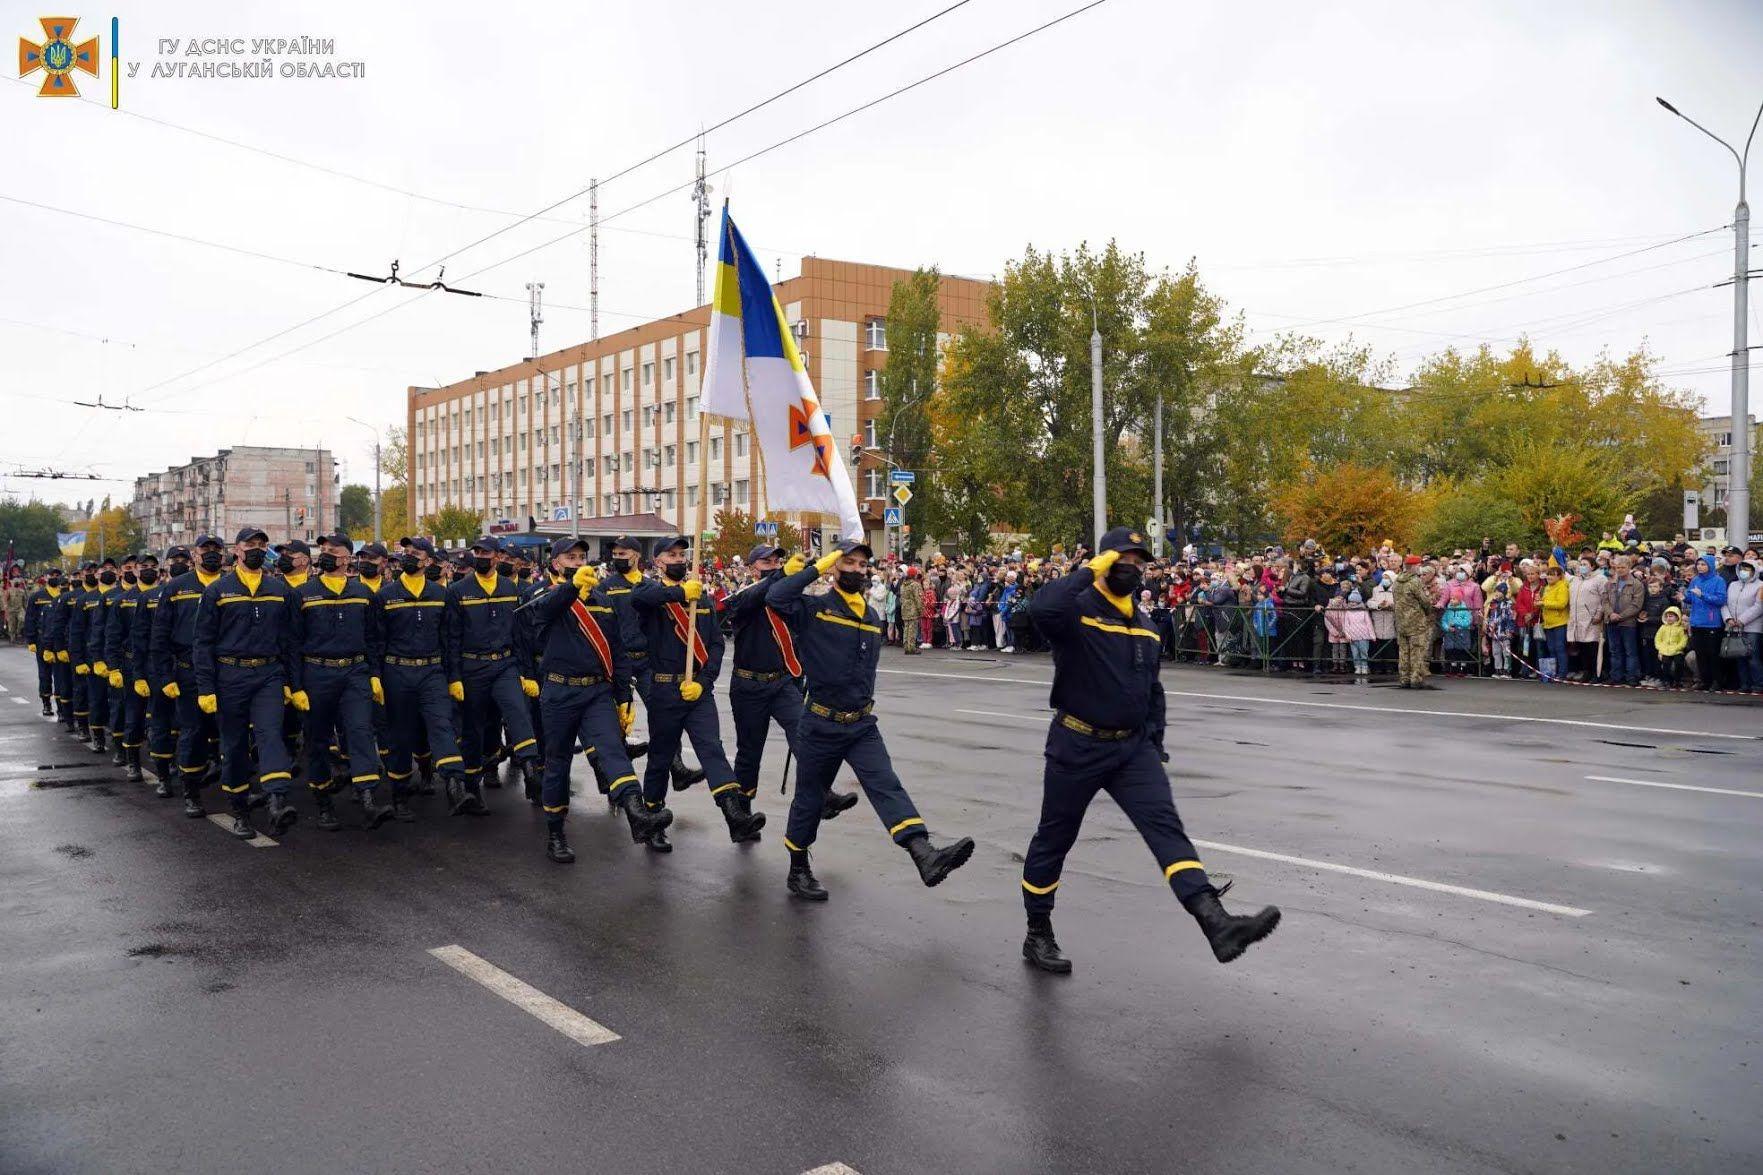 Рятувальники ДСНС взяли участь у параді